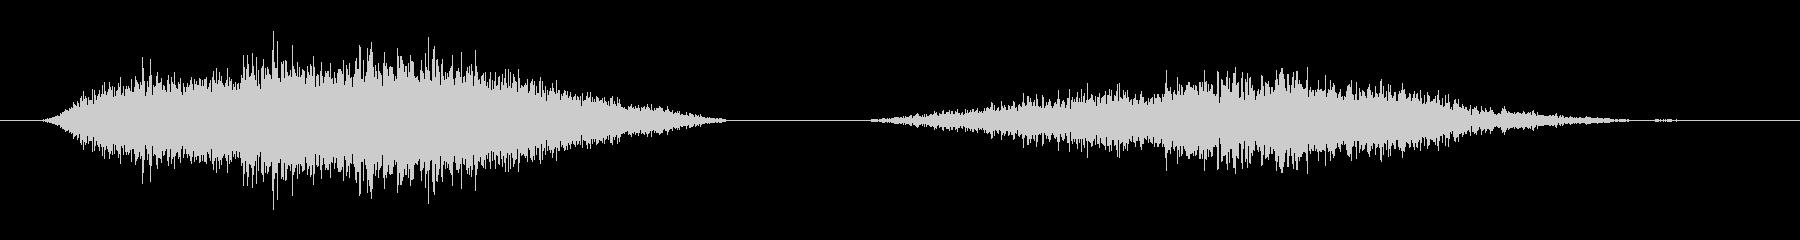 呼吸 男性の深い03の未再生の波形